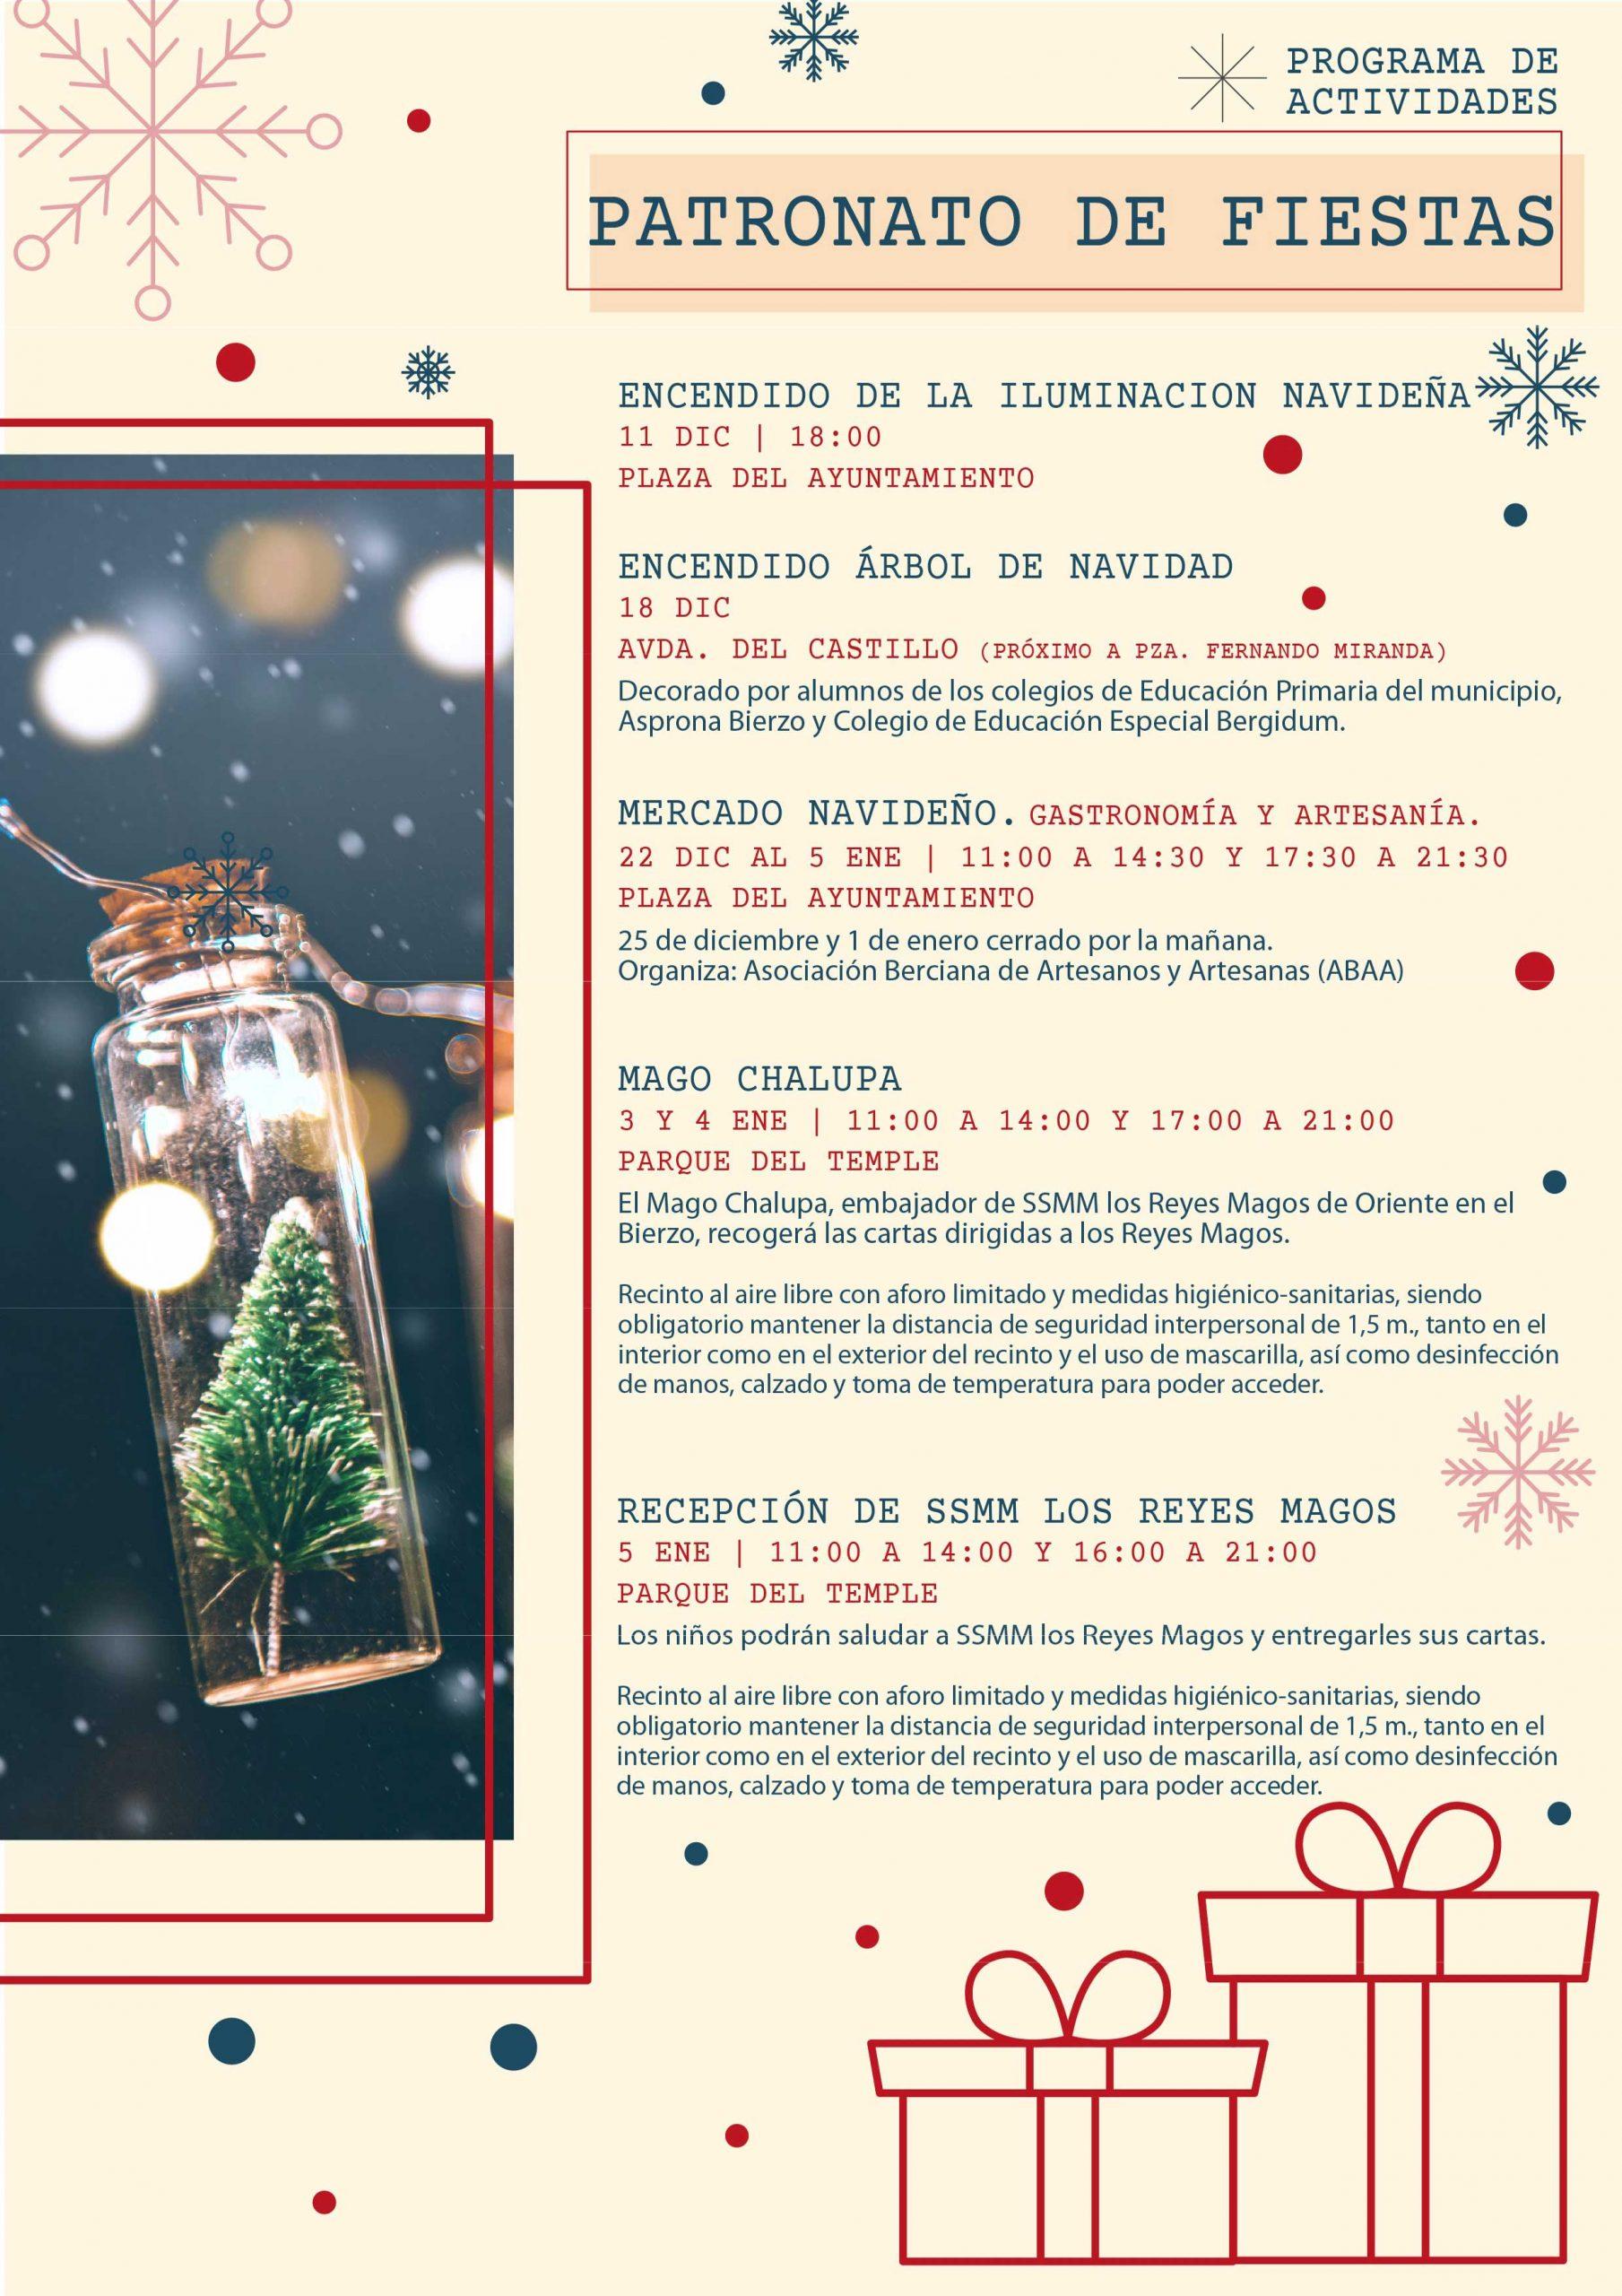 Programa de Navidad 2020 en Ponferrada 5